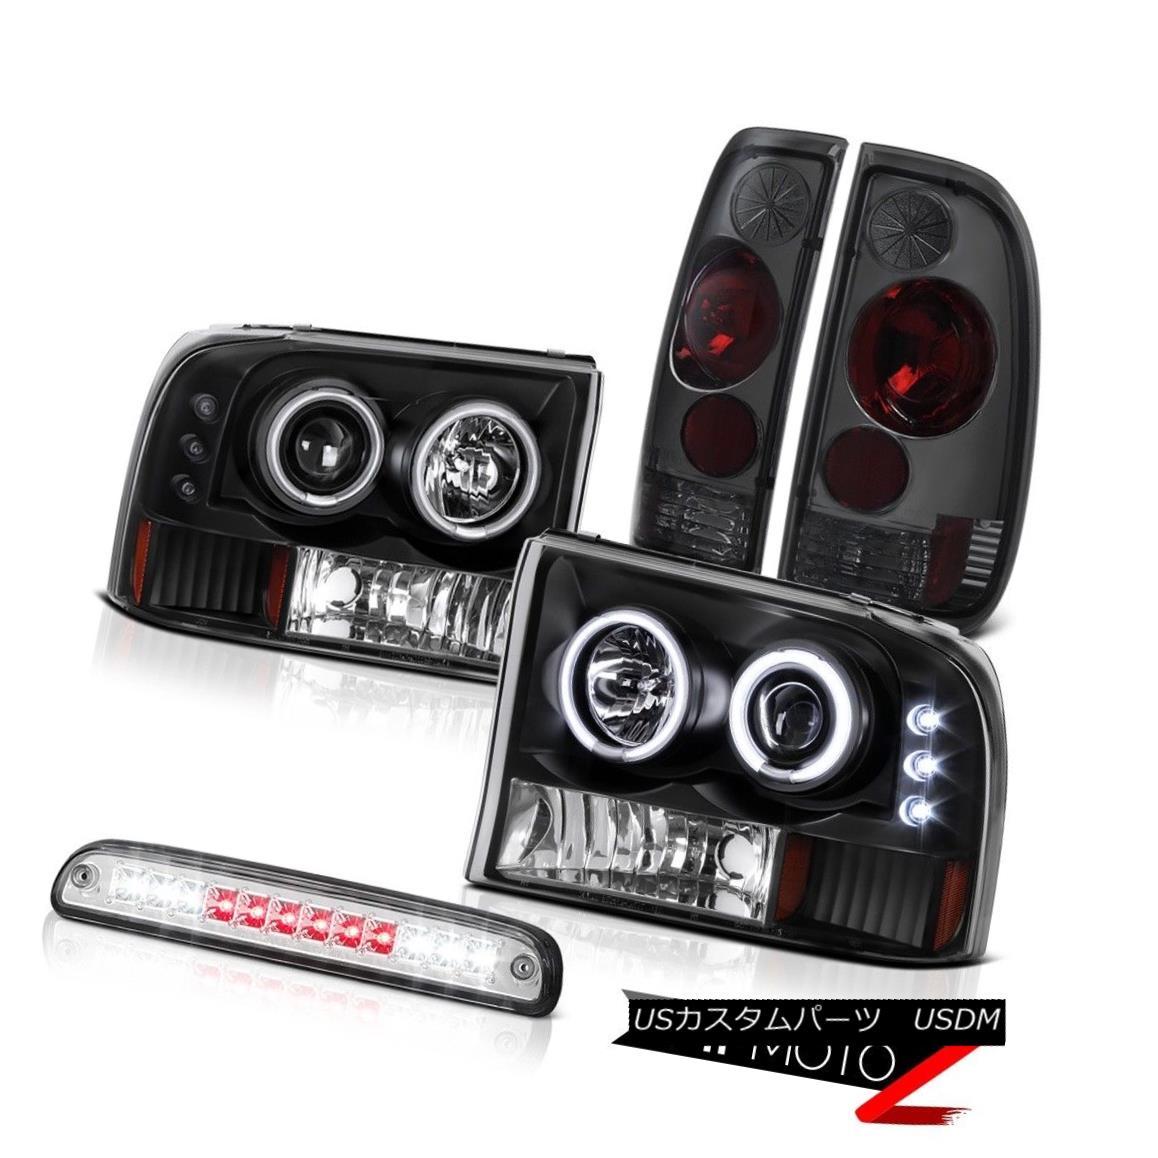 テールライト Projector Headlights Chrome 3rd Brake LED Tail Lamps 1999-2004 F250 Turbo Diesel プロジェクターヘッドライトChrome 3rdブレーキLEDテールランプ1999-2004 F250ターボディーゼル